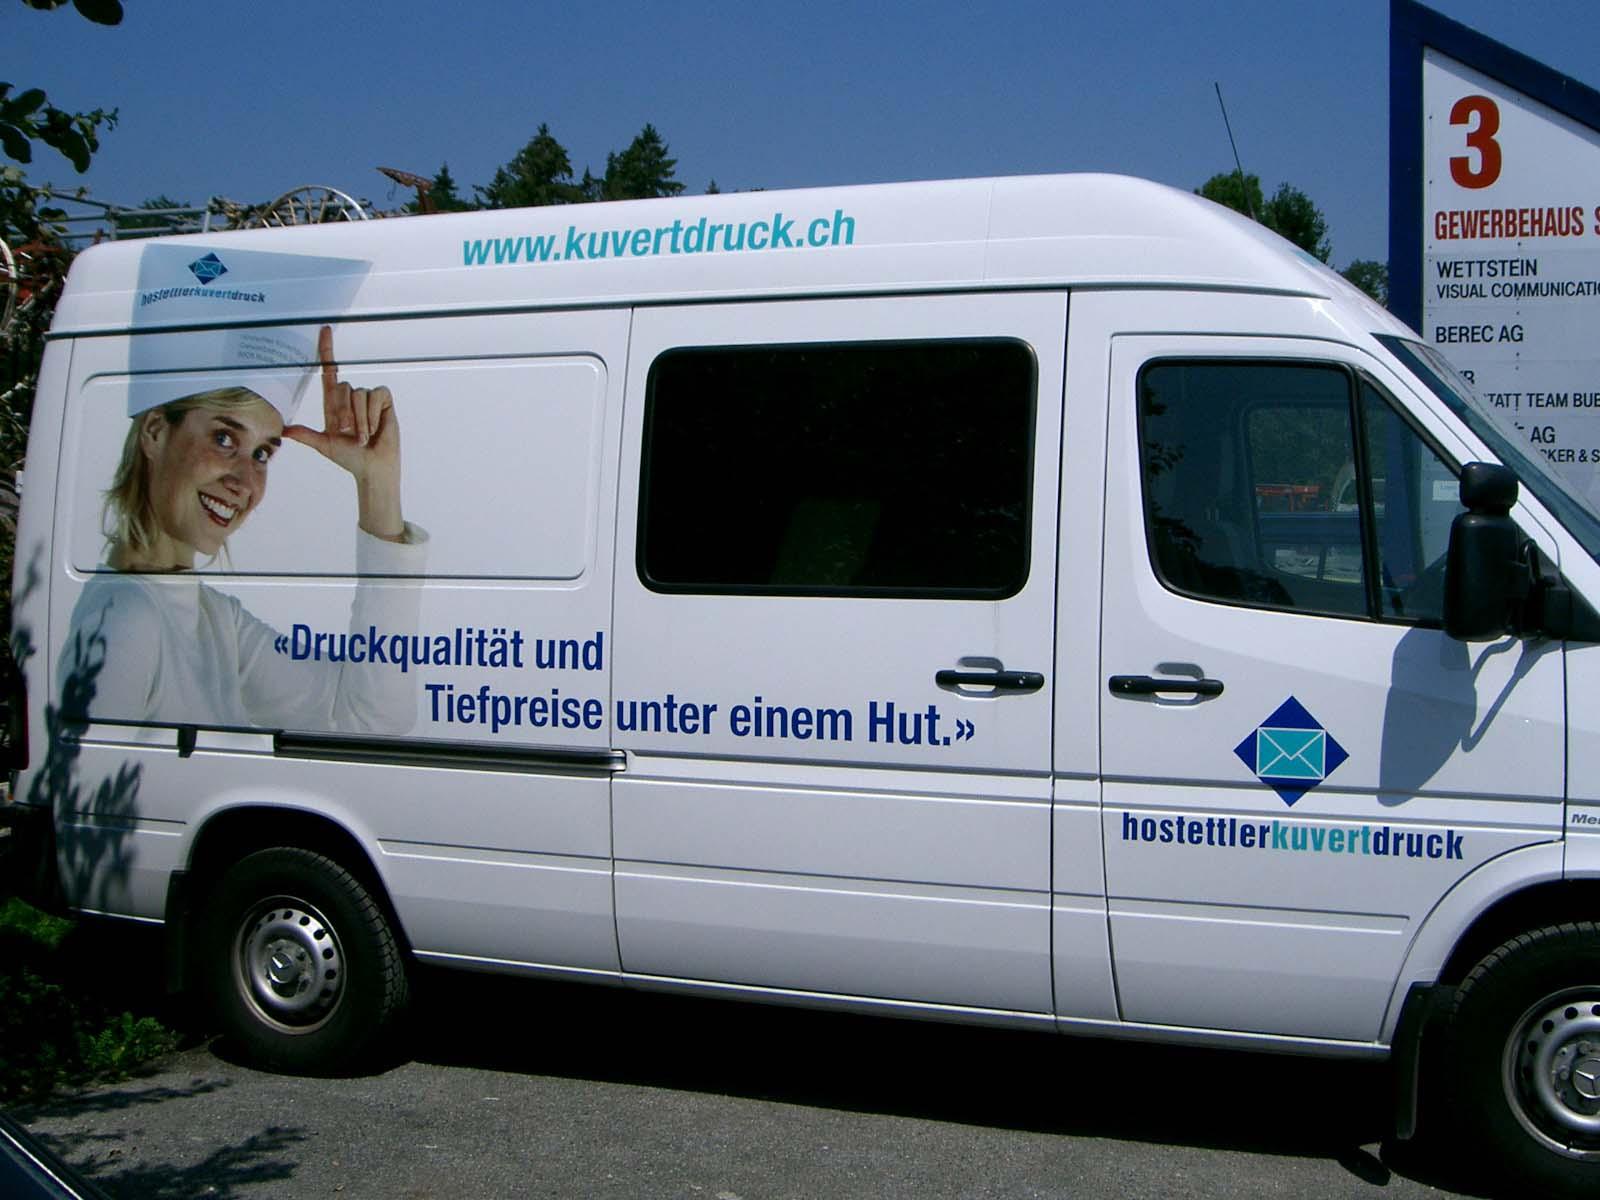 kuvertdruck.ch